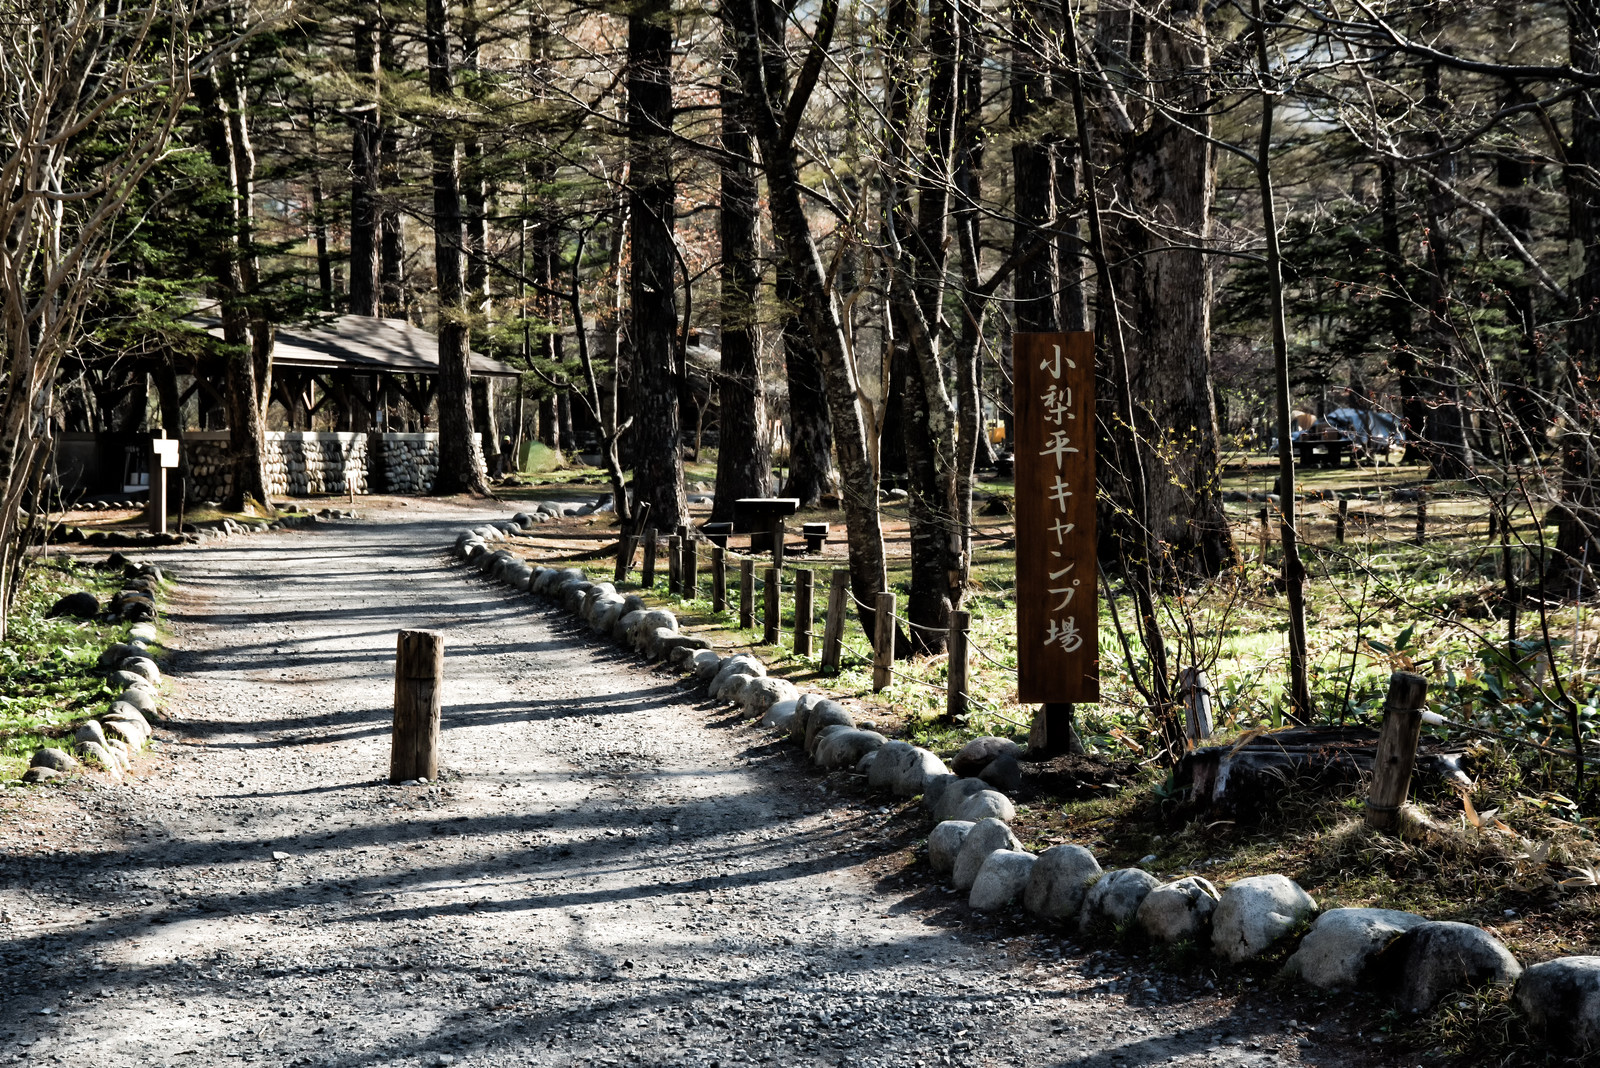 「小梨平キャンプ場へ続く道」の写真